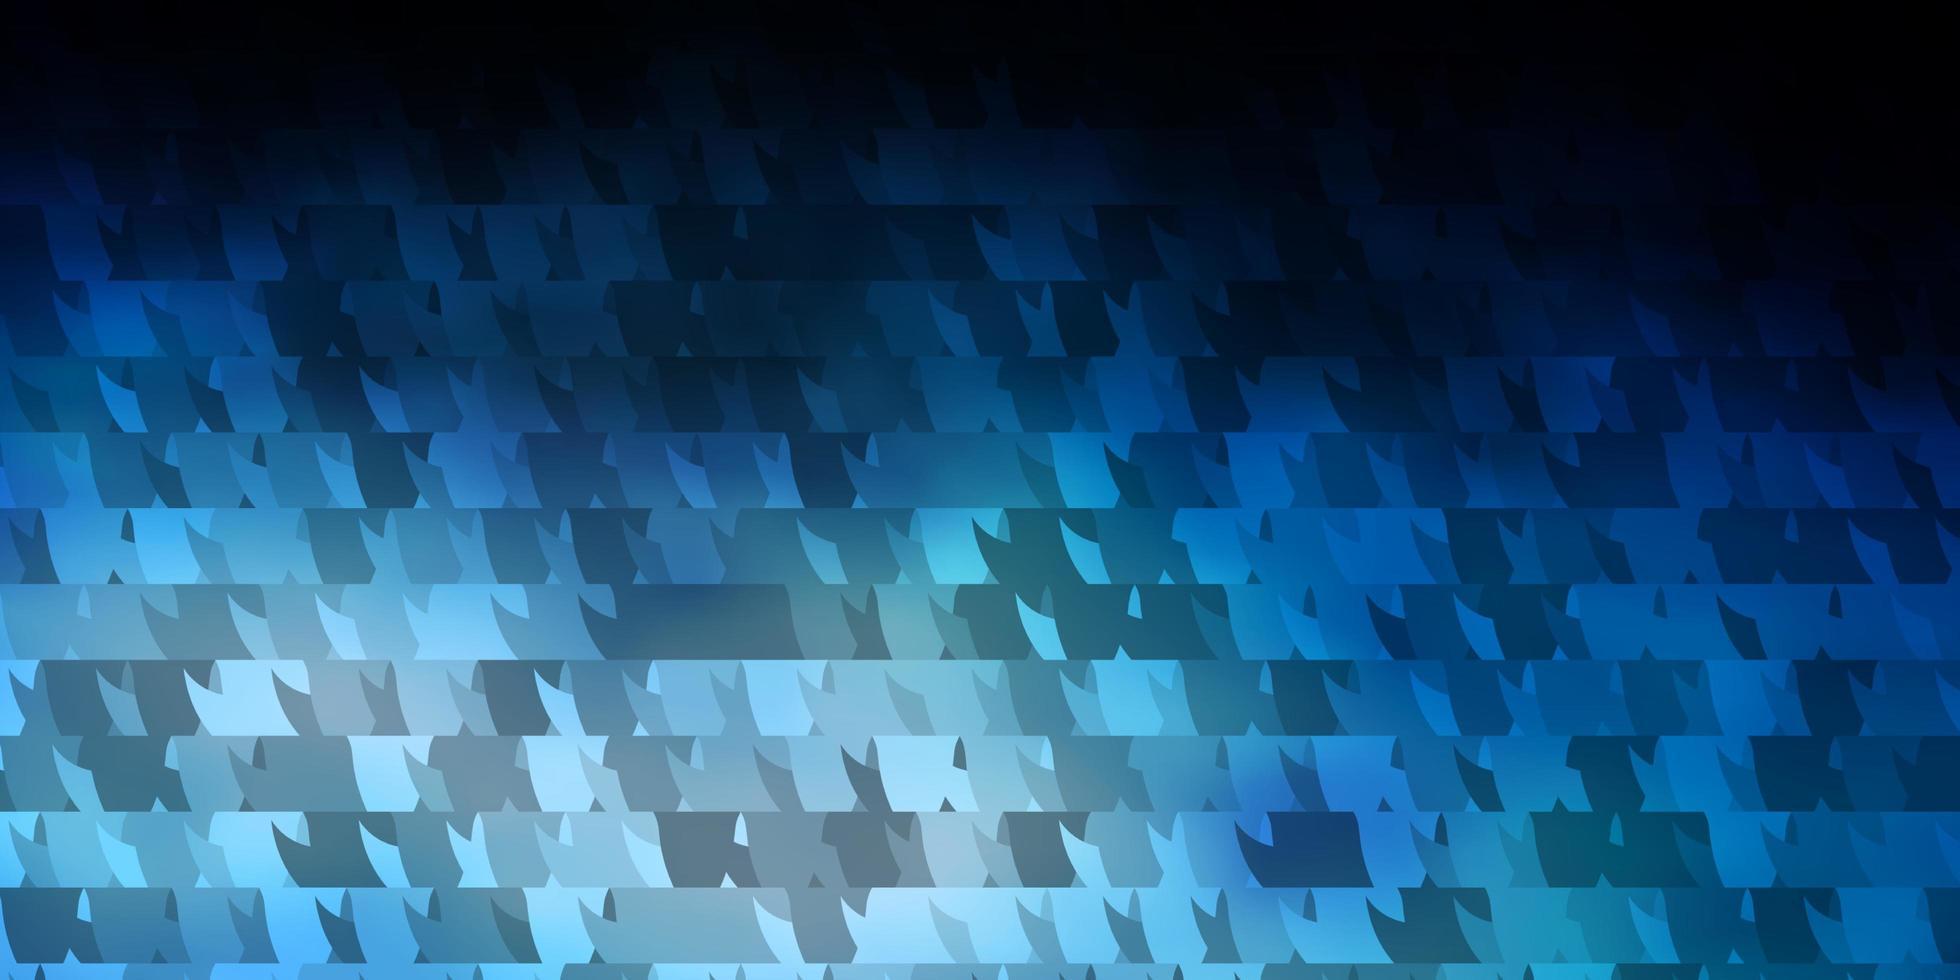 donkerblauwe vectorachtergrond met lijnen, driehoeken. vector